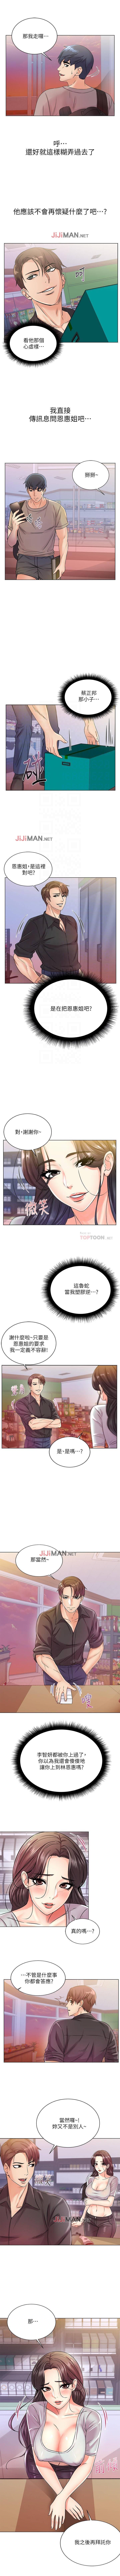 【周三连载】超市的漂亮姐姐(作者:北鼻&逃兵) 第1~40话 116